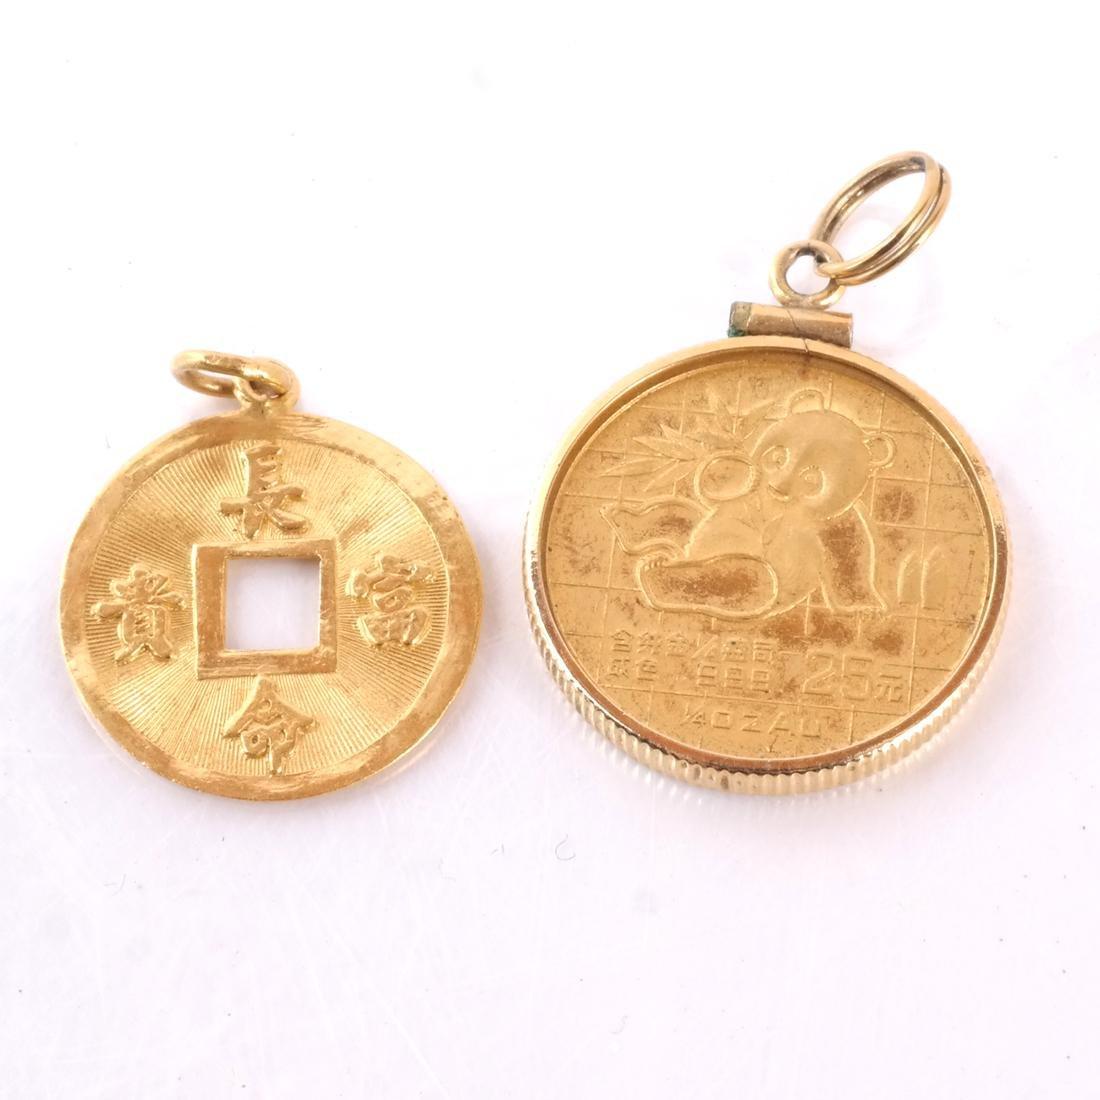 4 China Gold & Platinum Coin Sets - 3